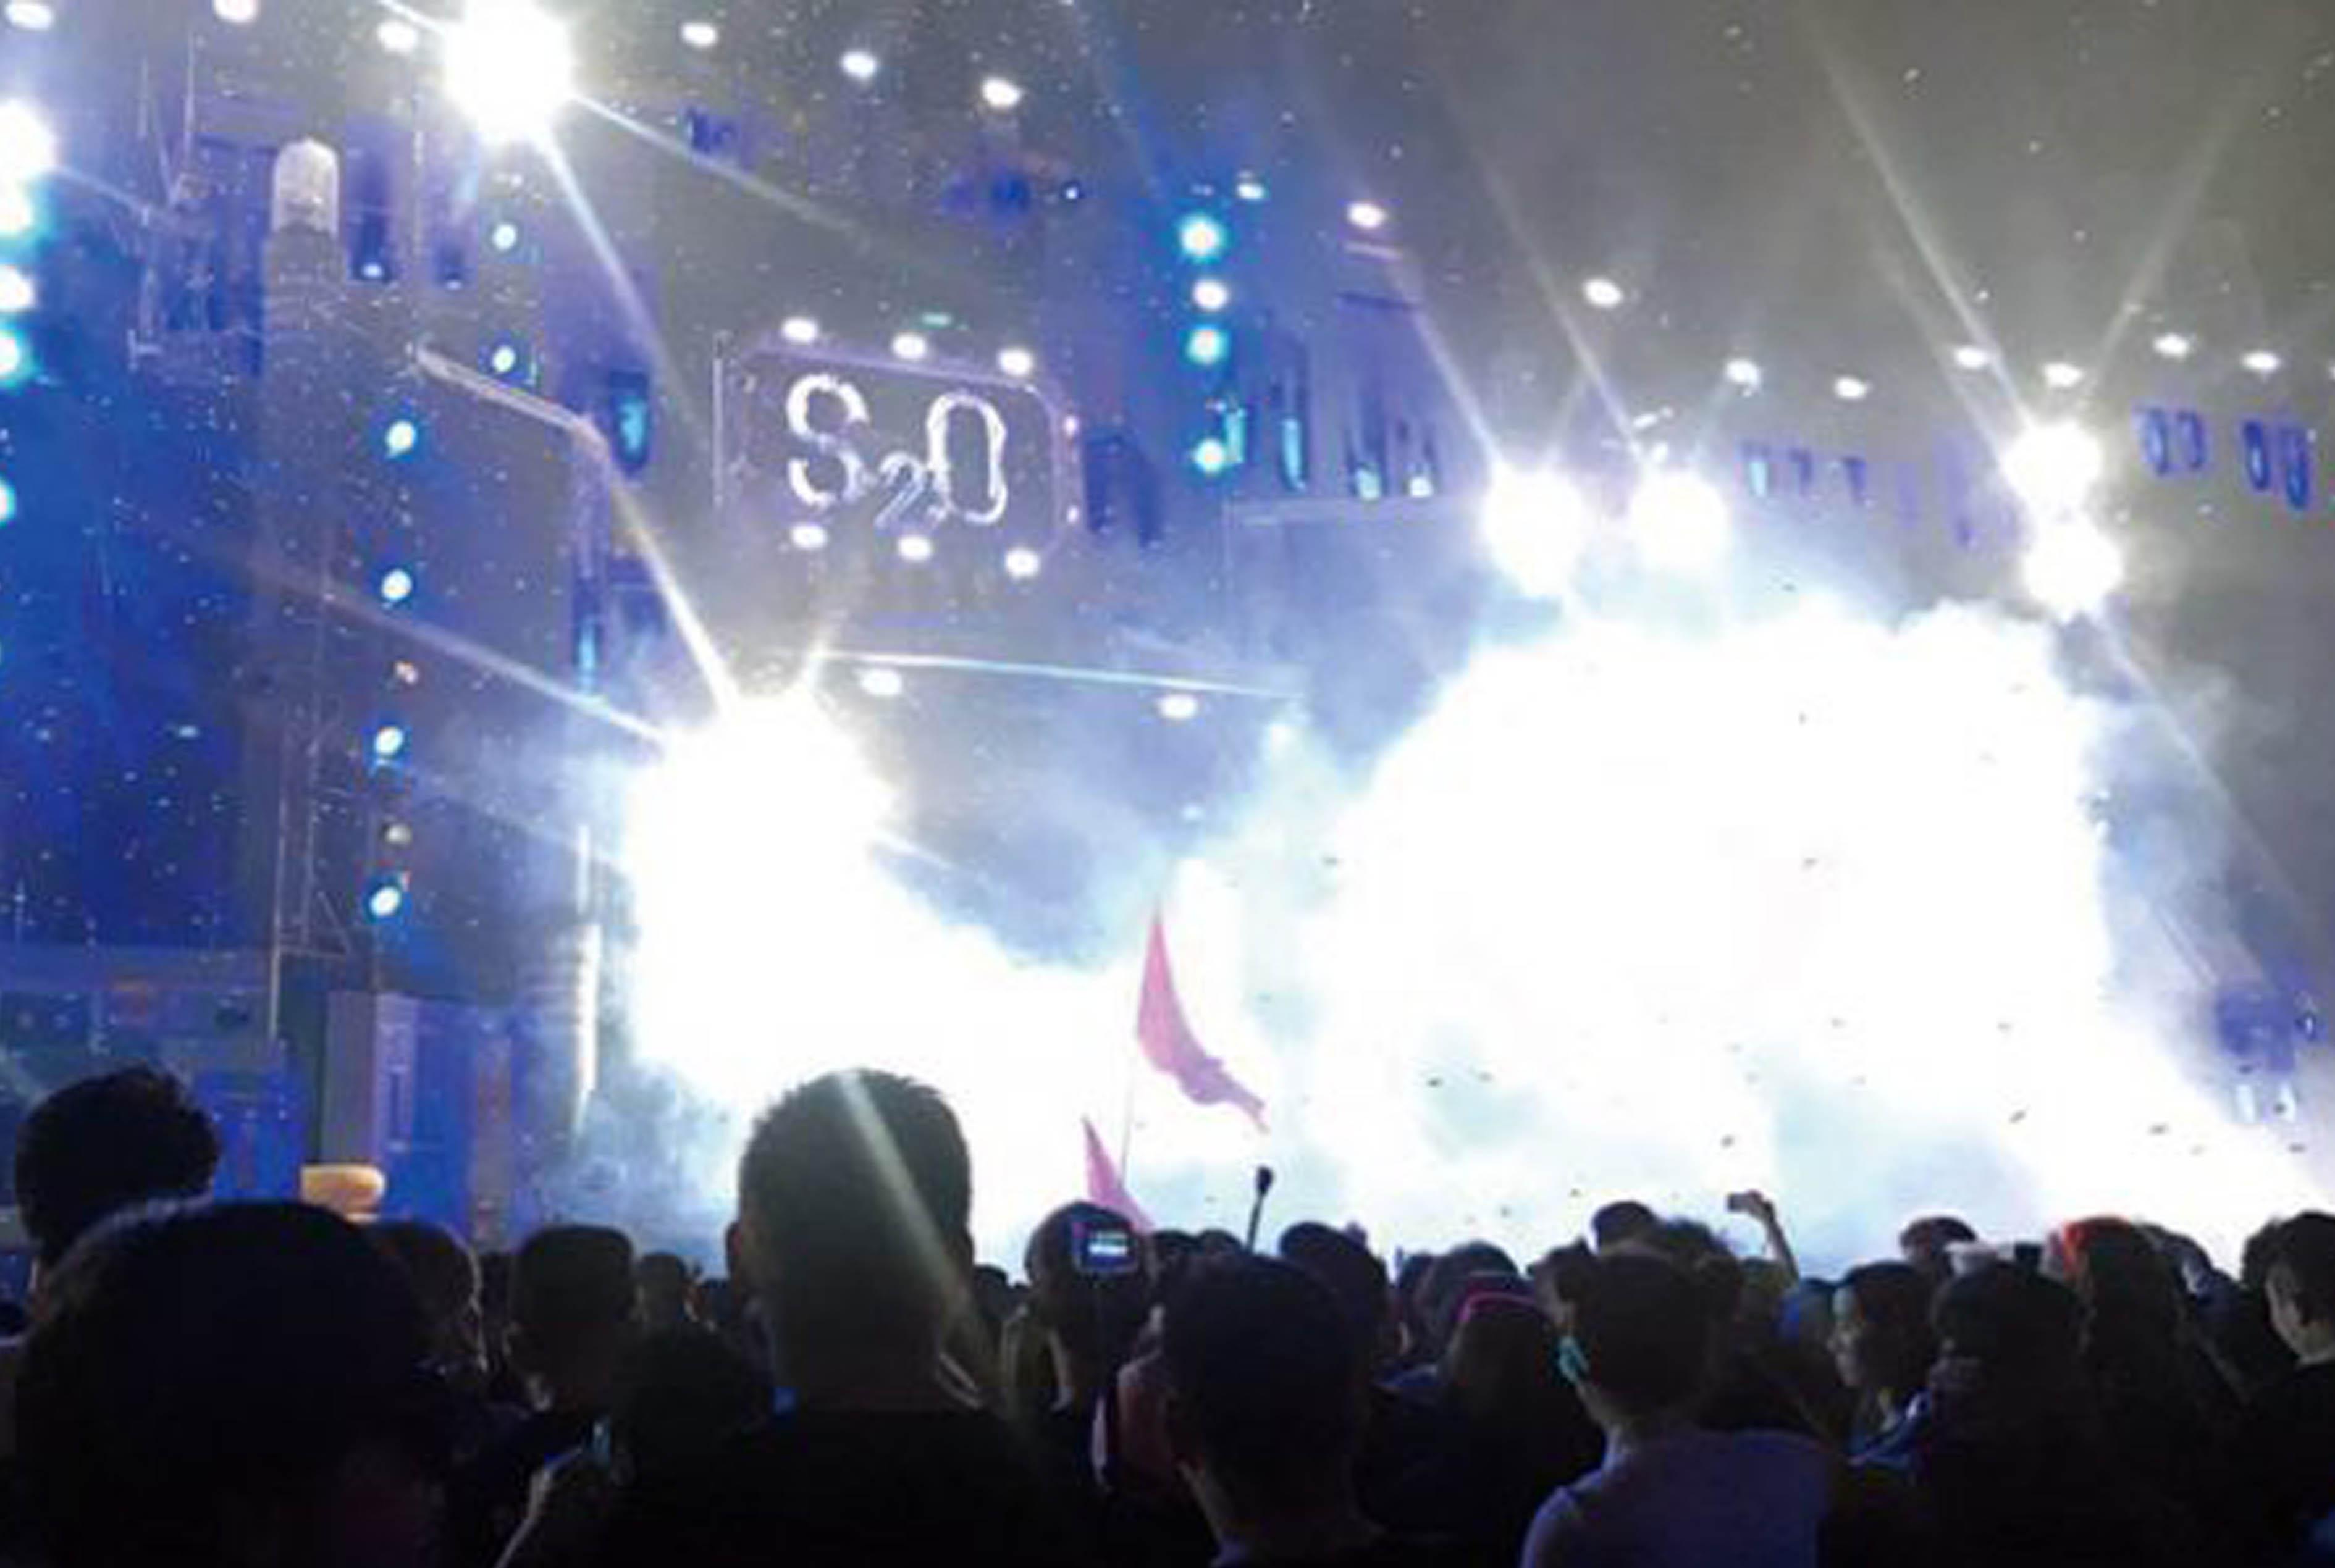 音楽の力は窓さえも割る? - ワイズデジタル【タイで生活する人のための情報サイト】